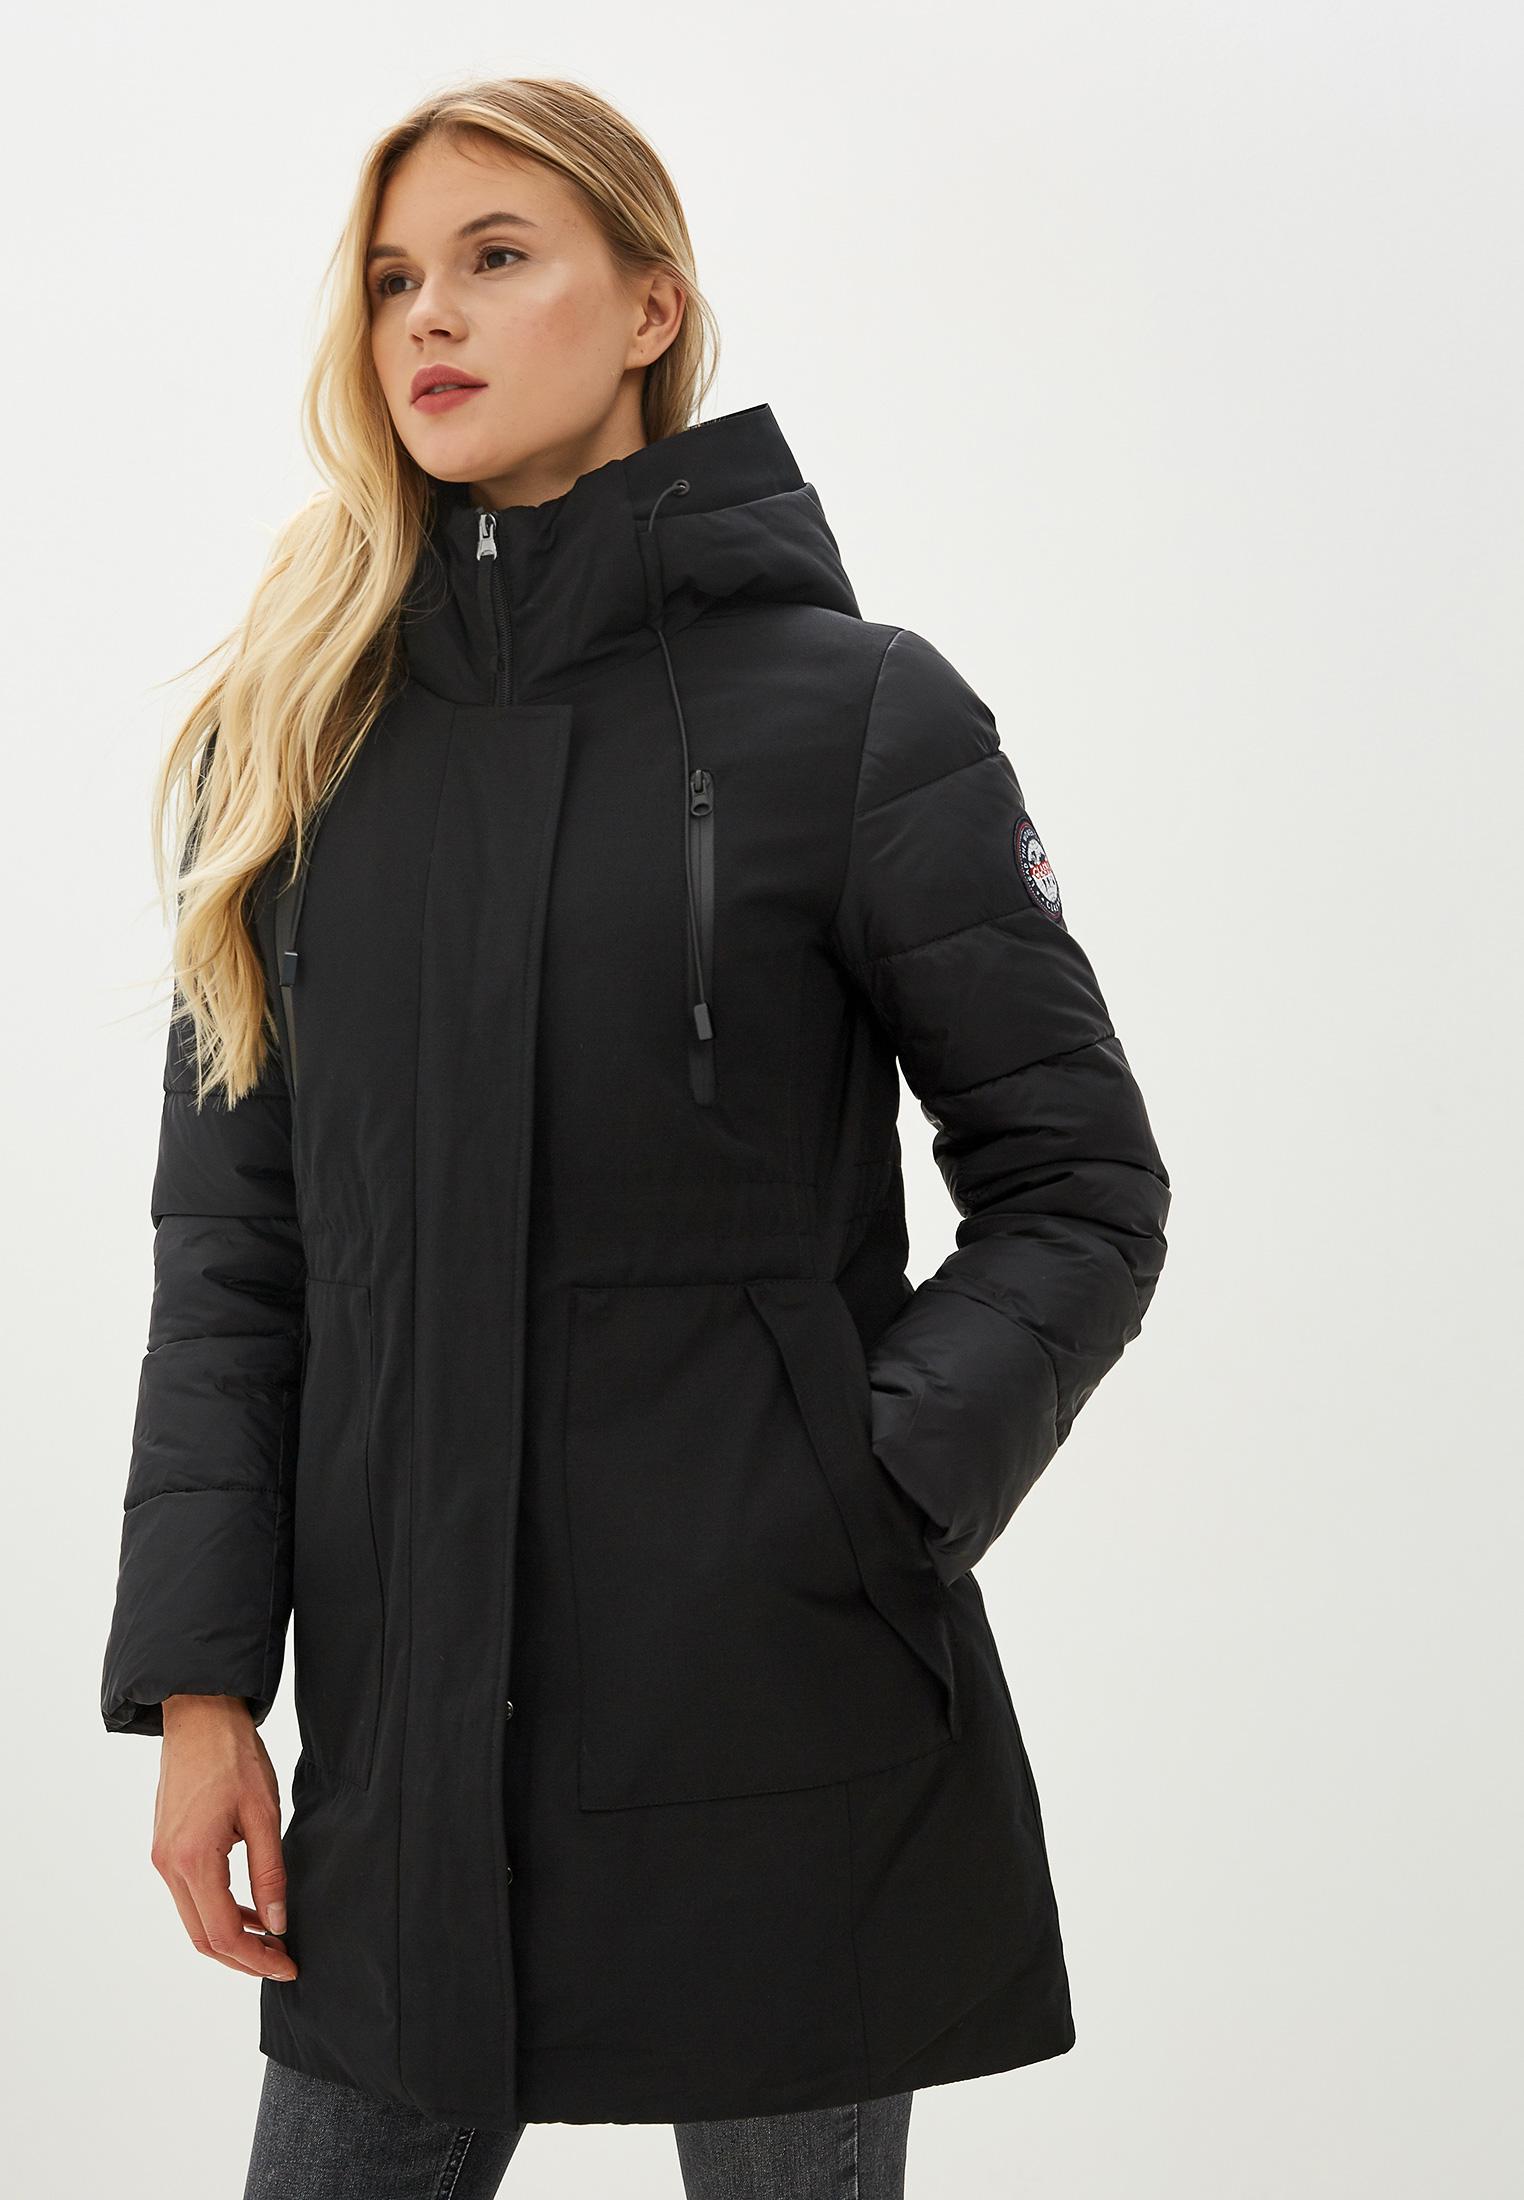 Парка, Clasna, цвет: черный. Артикул: CL016EWGTCG1. Одежда / Верхняя одежда / Парки